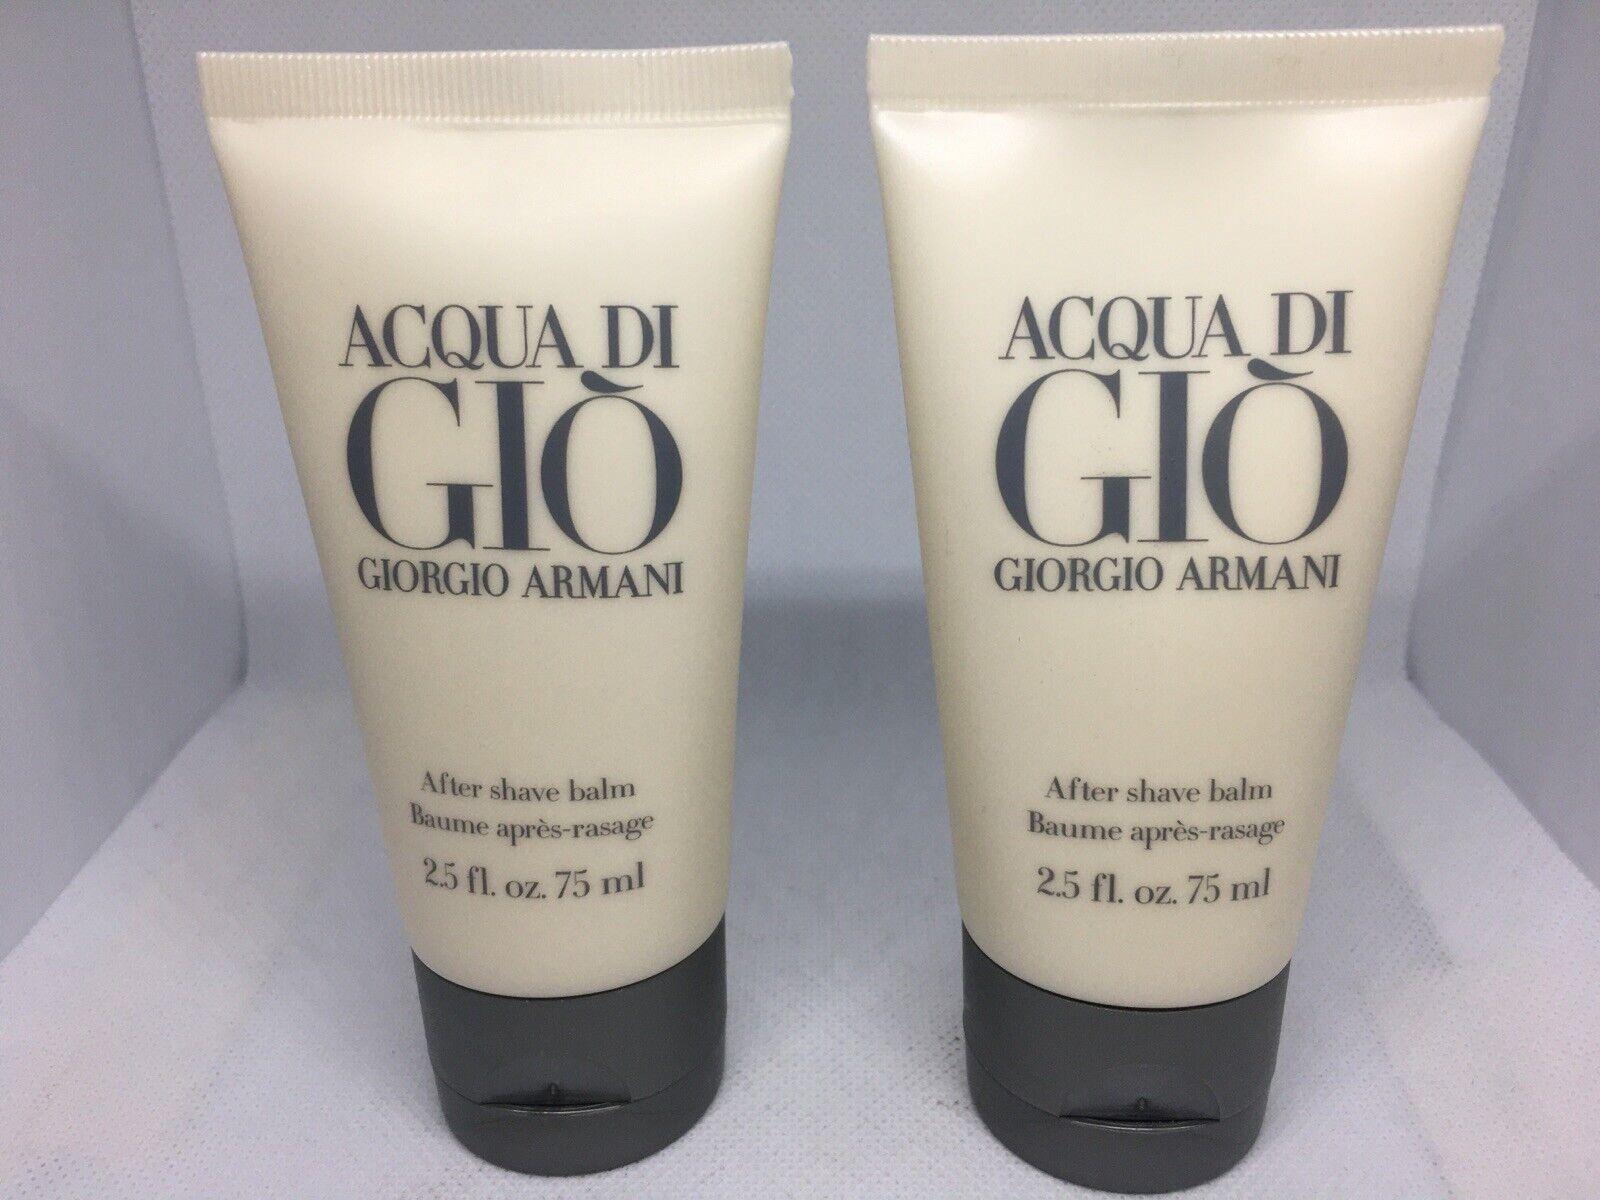 *NEW*Giorgio Armani Acqua Di Gio After Shave Balm Men 2.5 O